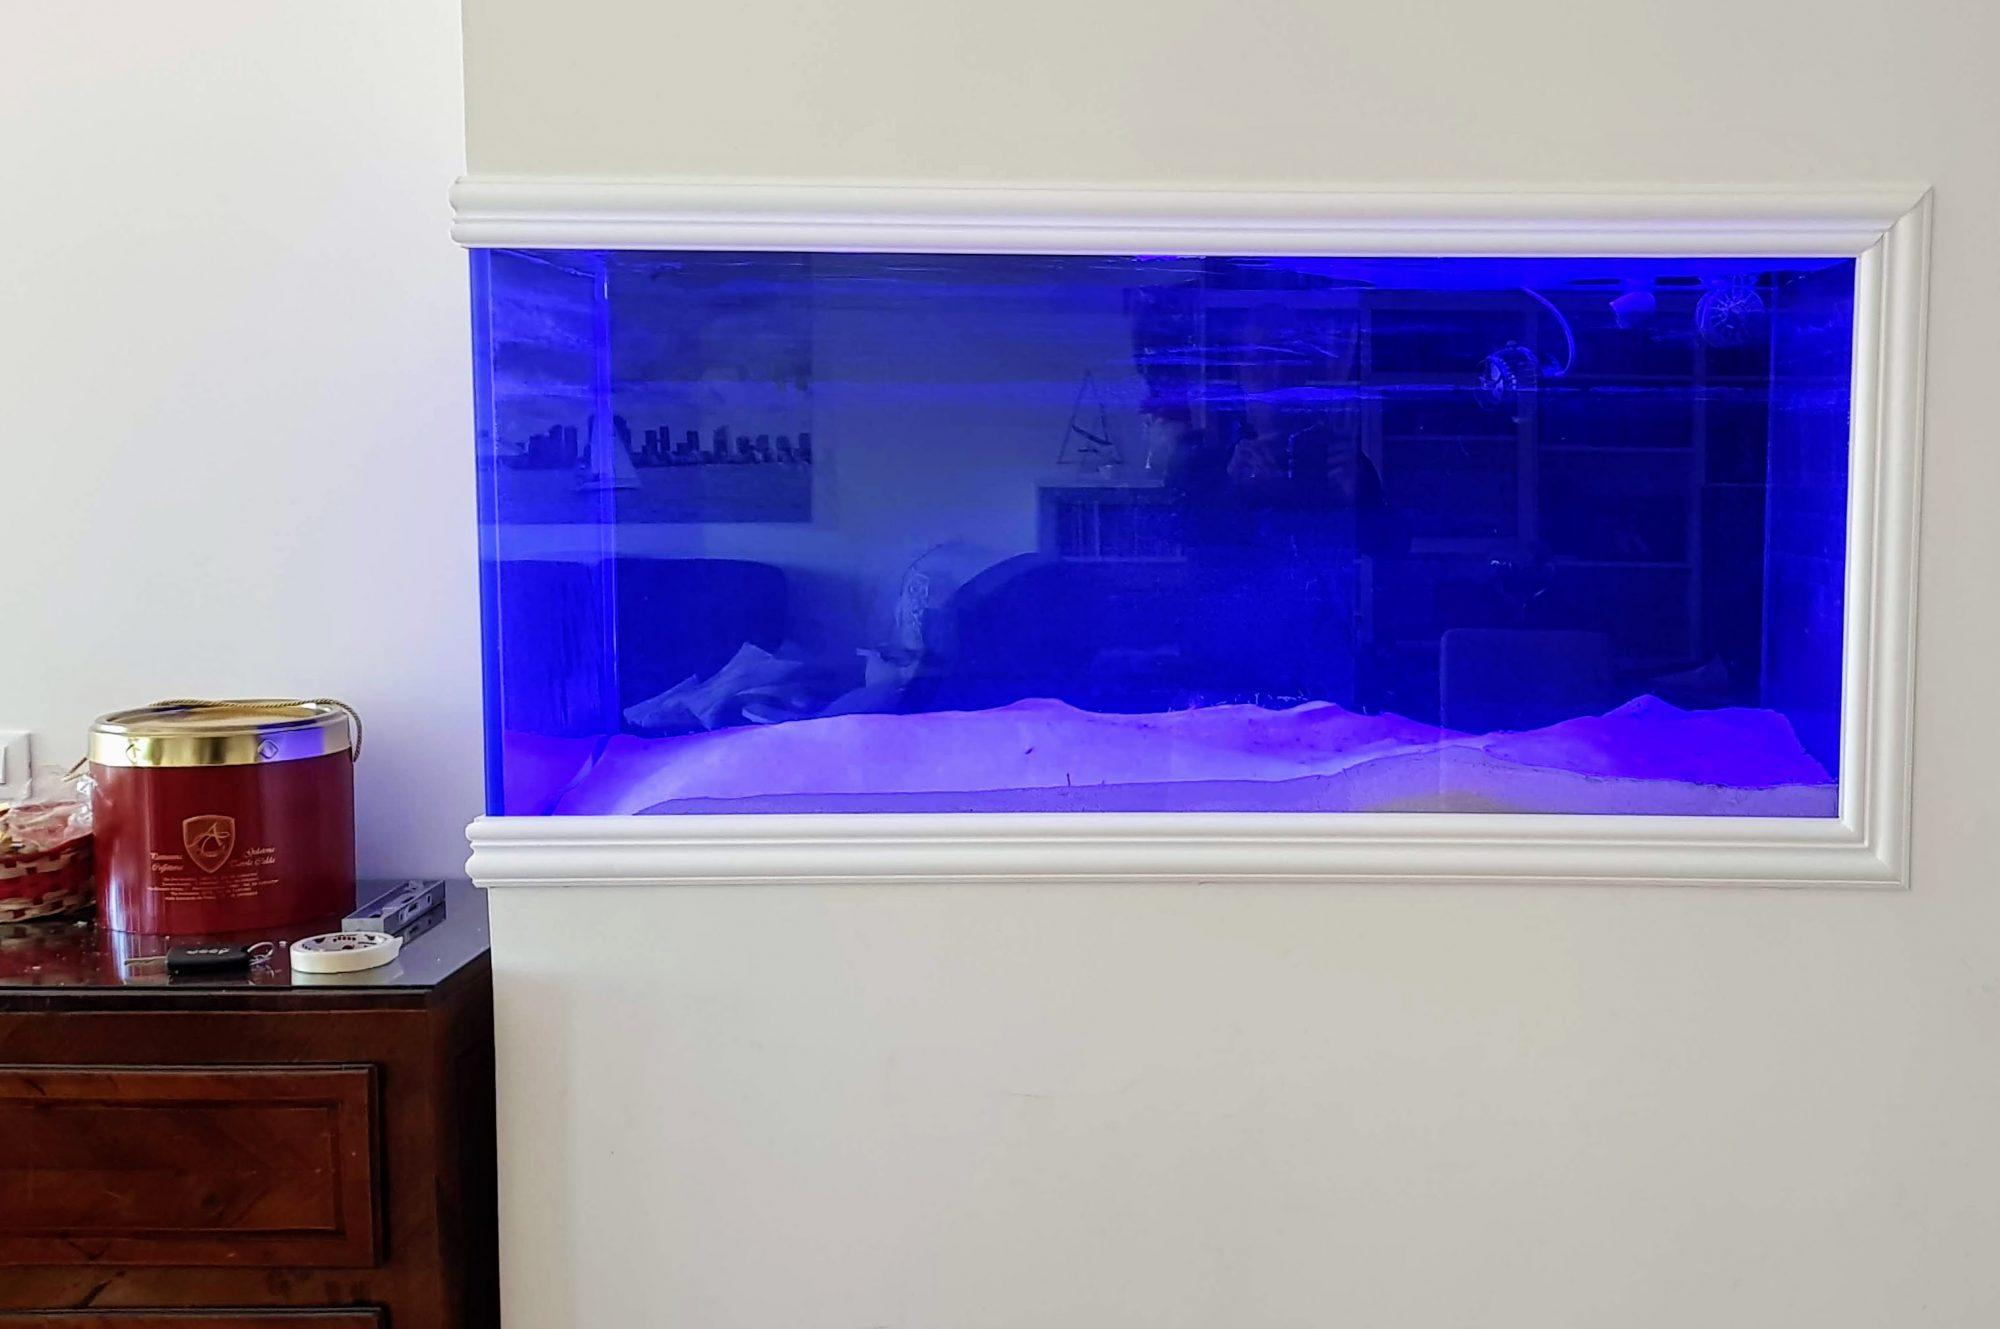 Vista frontale dell'acquario in salotto, appena riempito con la sabbia e decorato con la cornice ai bordi